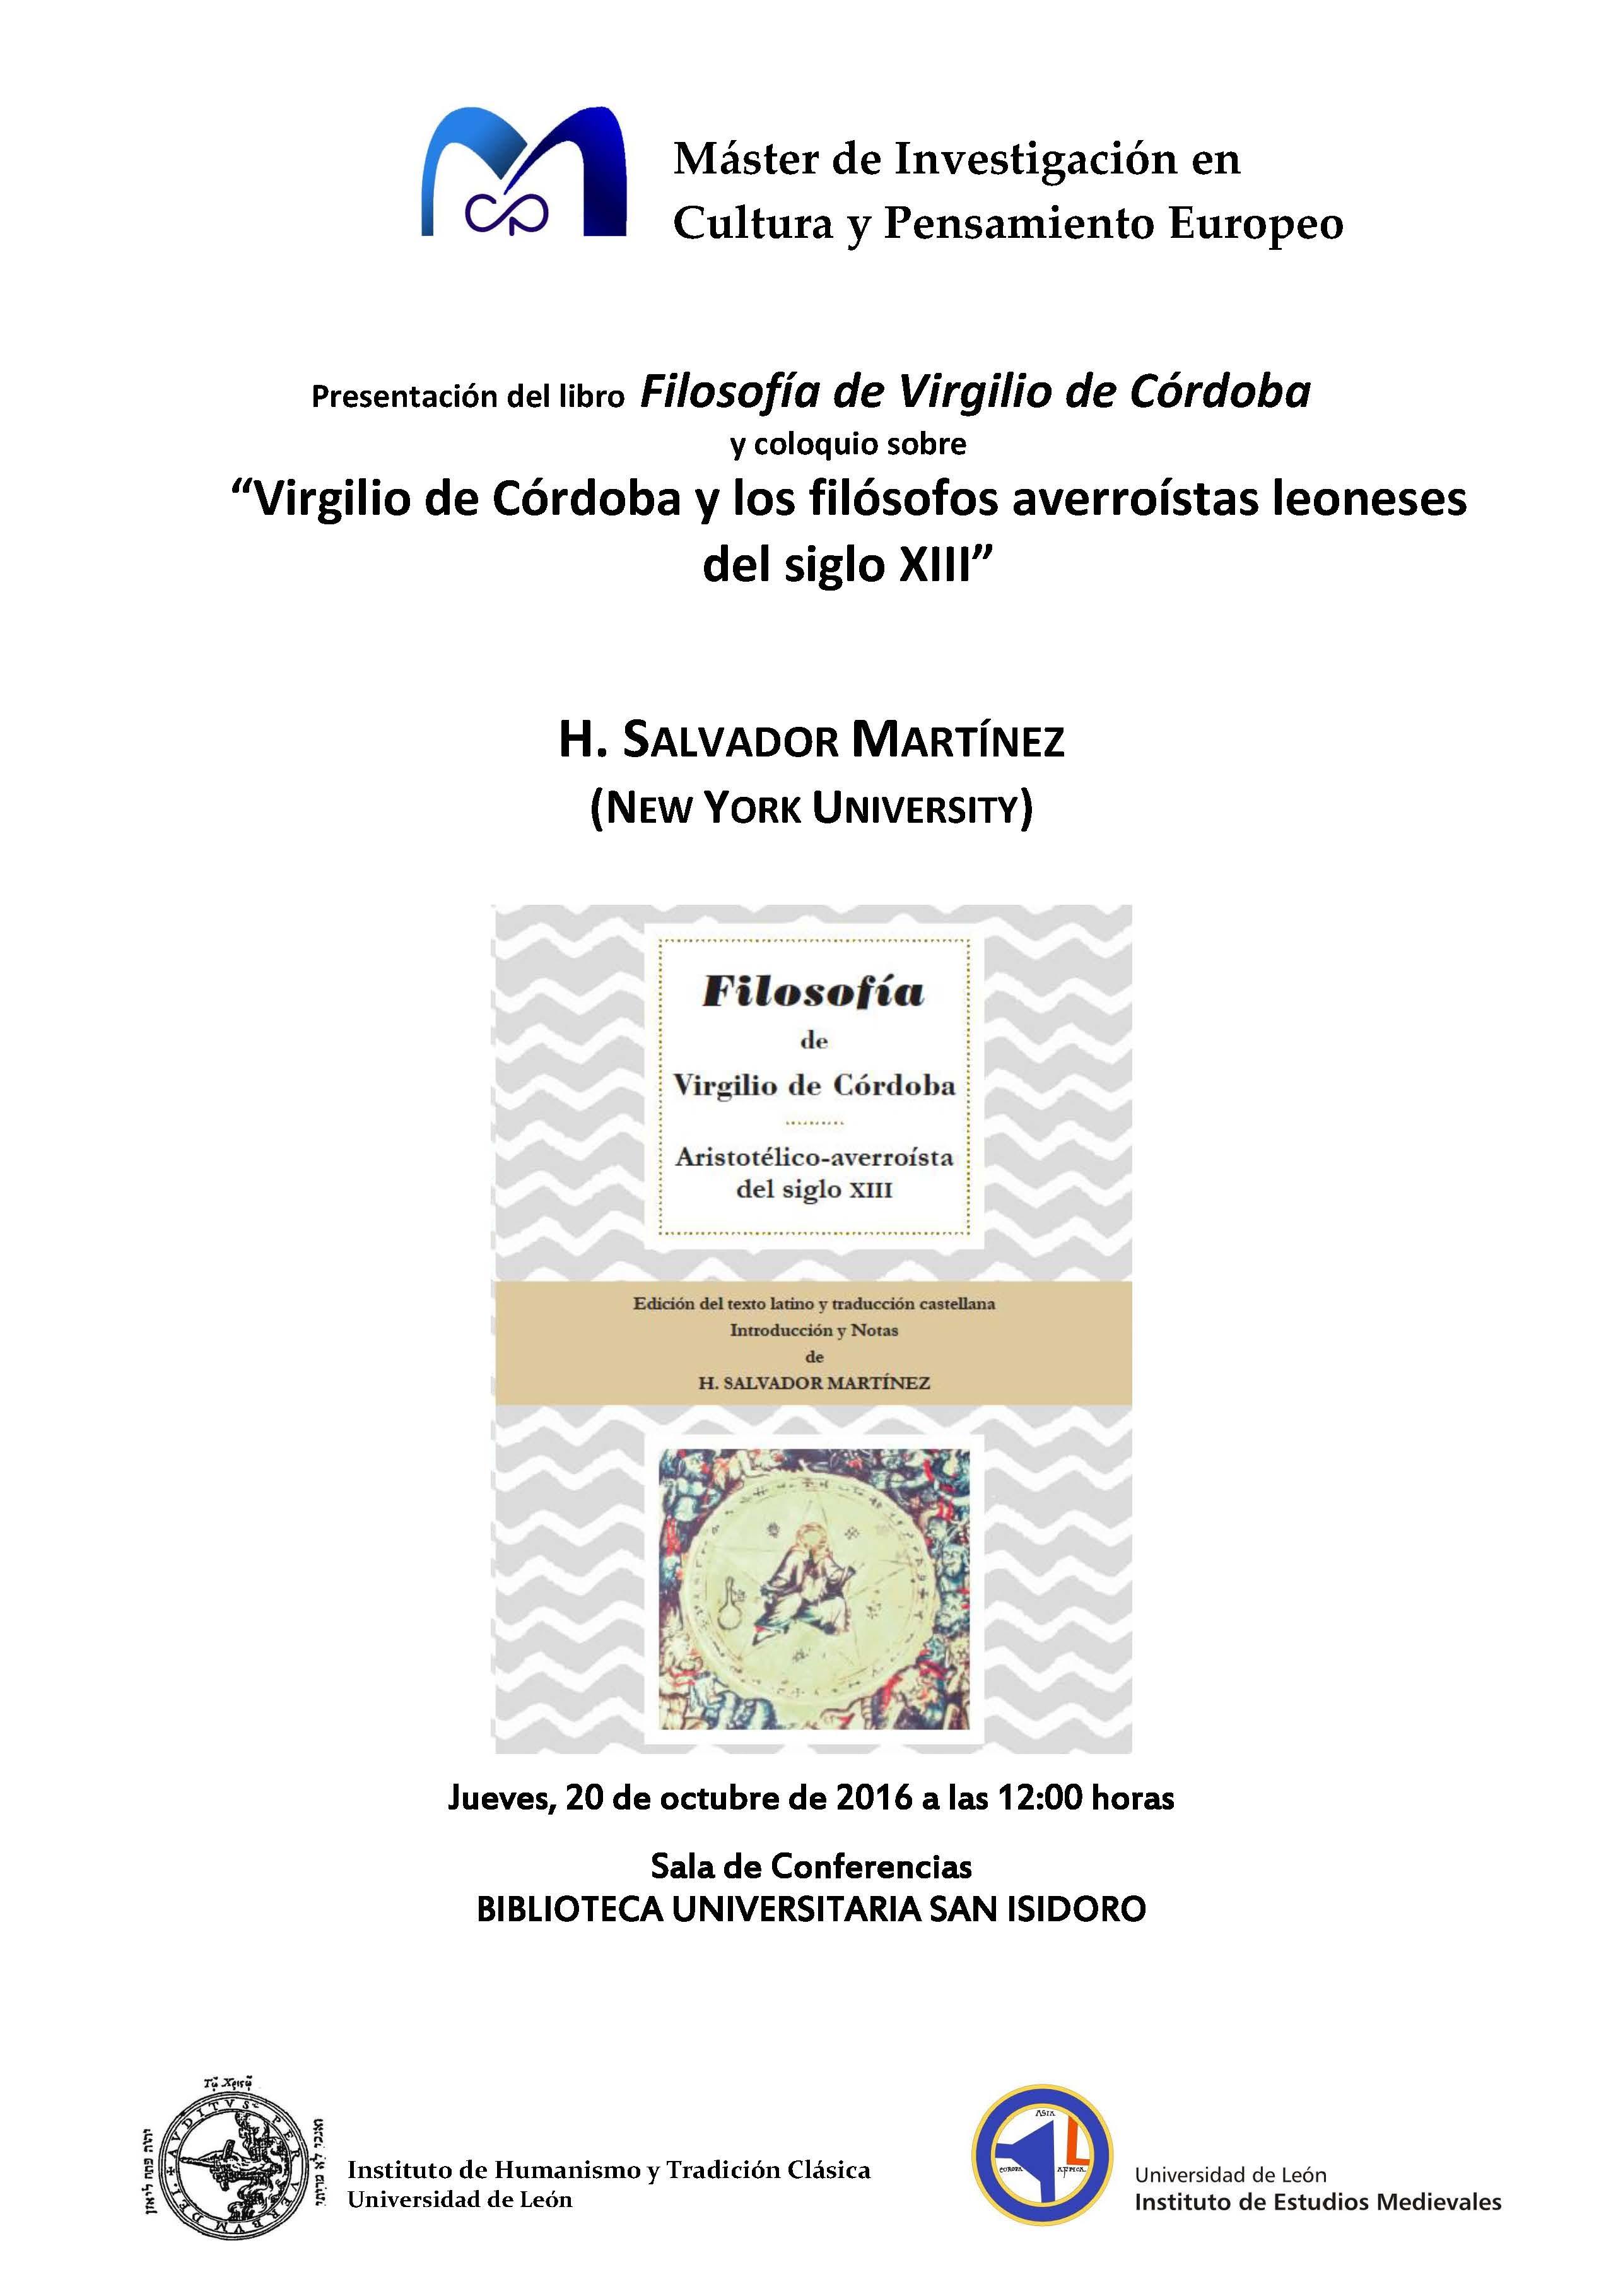 Instituto de Estudios Medievales | Universidad de León